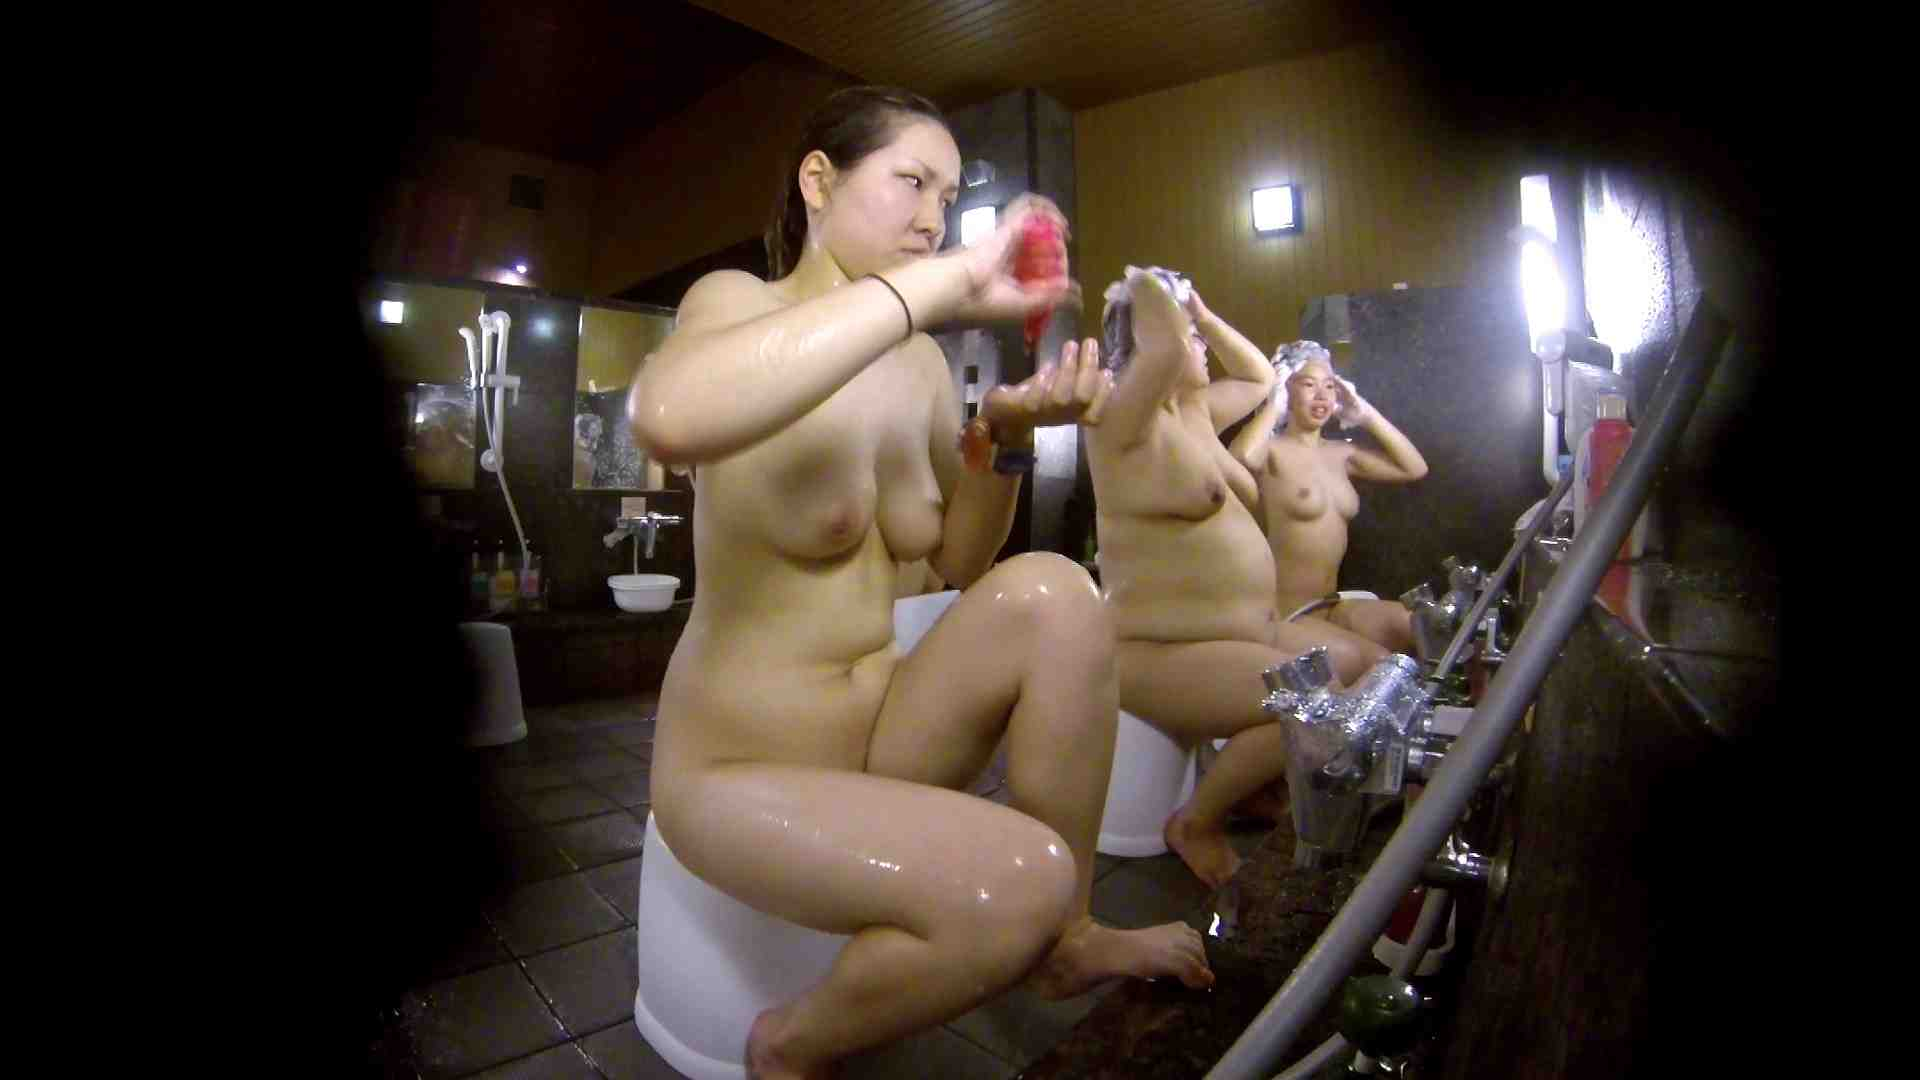 洗い場!色白でなかなかの美巨乳。柔らかく揺れまくりです 巨乳 セックス画像 94枚 61